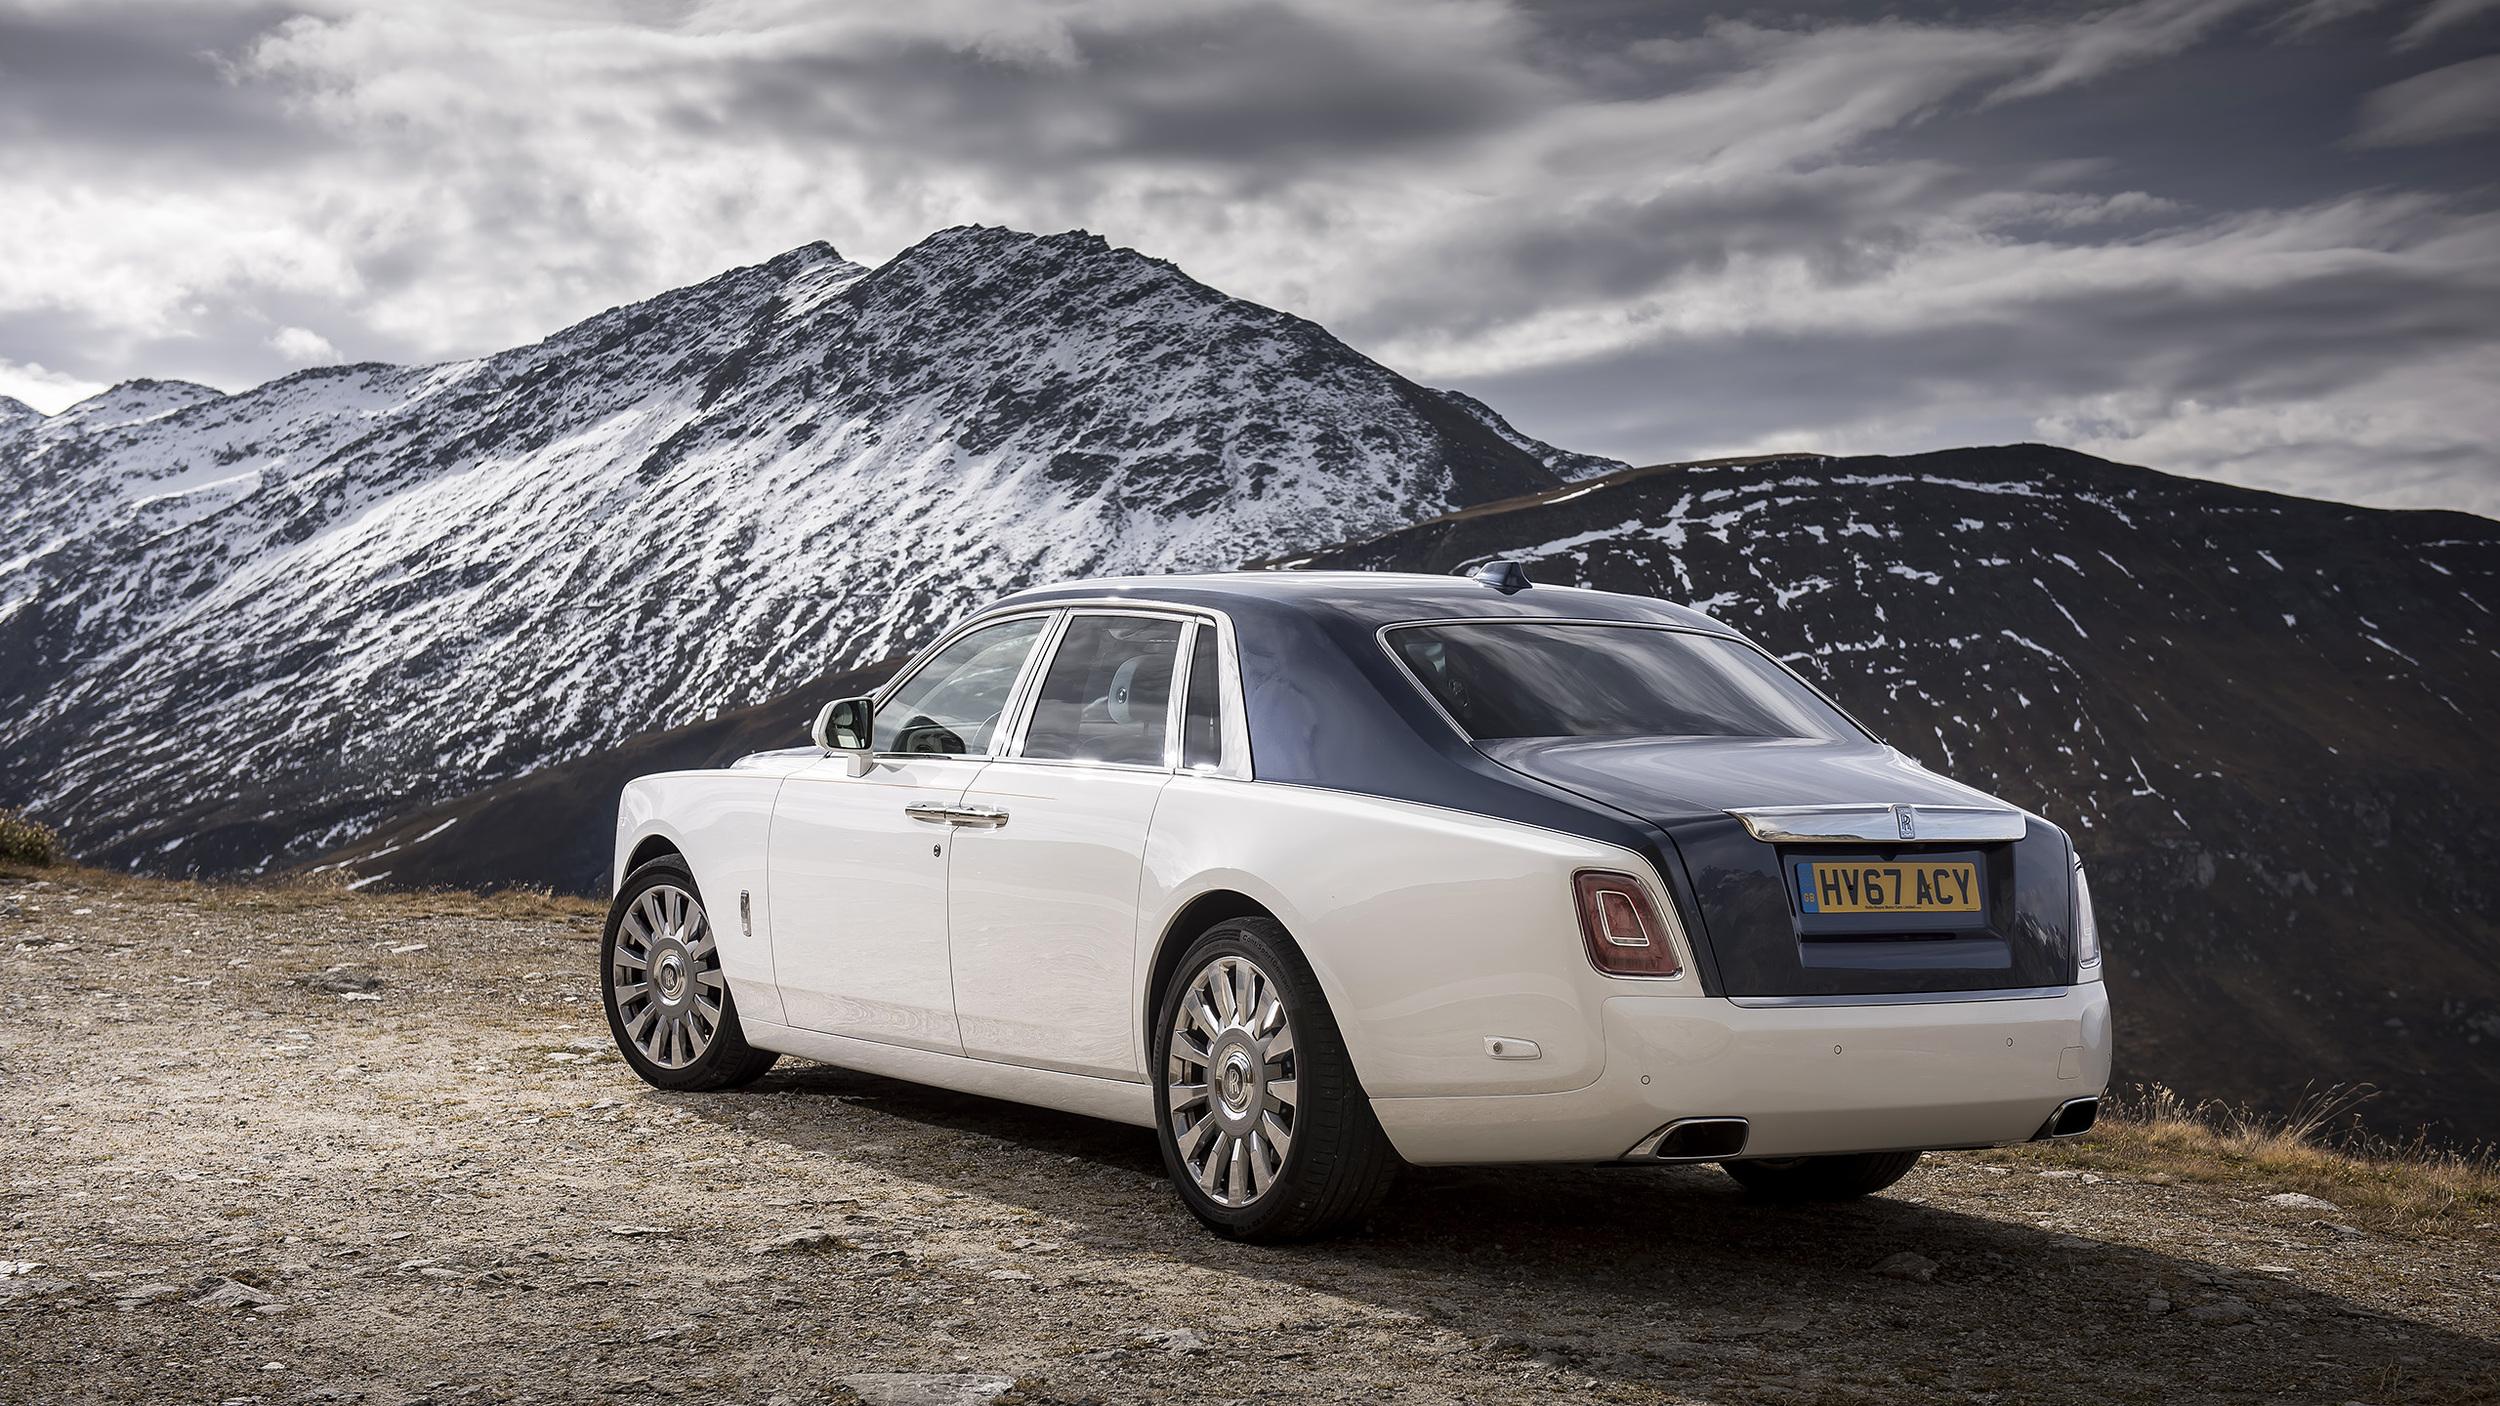 Leasing a Rolls Royce